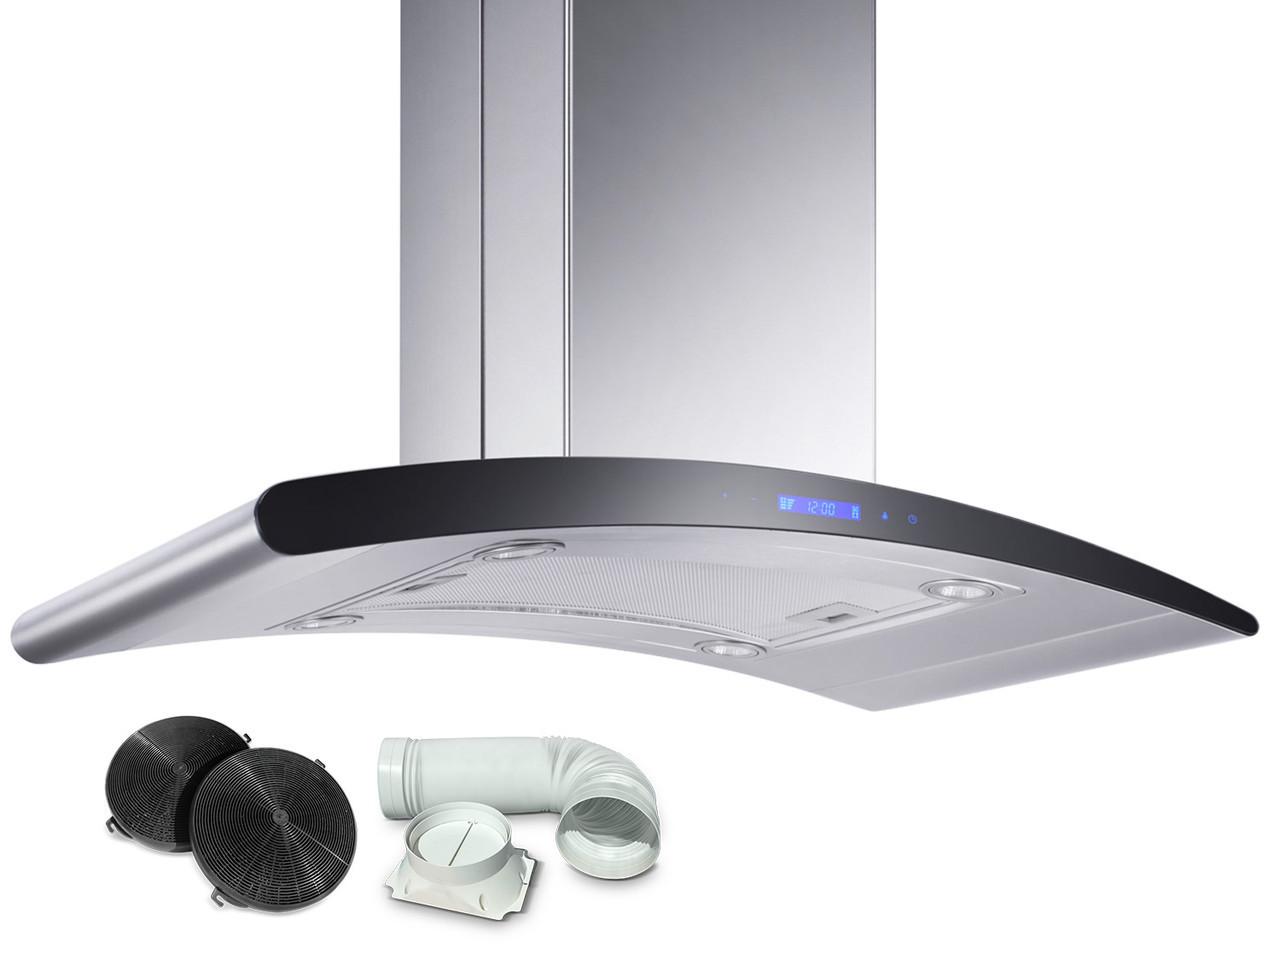 Кухонная вытяжка 90СМ островная BN-9013 +фильтр BERDSEN